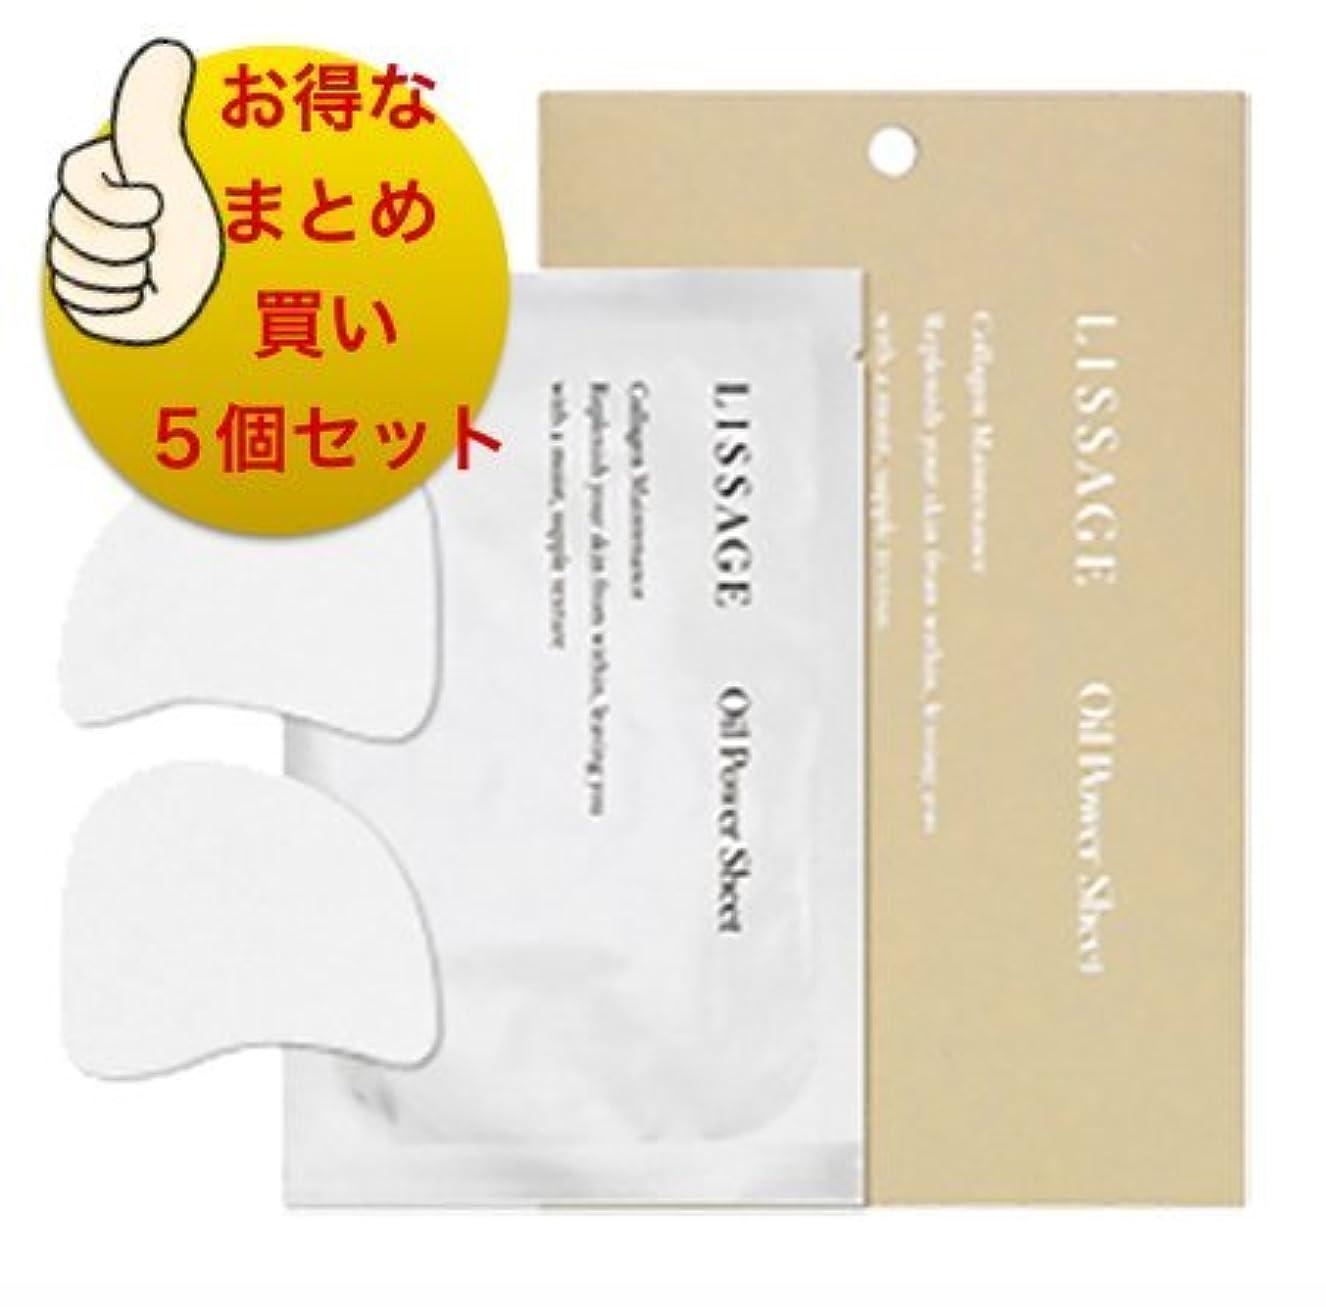 ホスト泥タクト【リサージ】LISSAGE (リサージ) オイルパワーシート (3セット (6枚)) .の5個まとめ買いセット